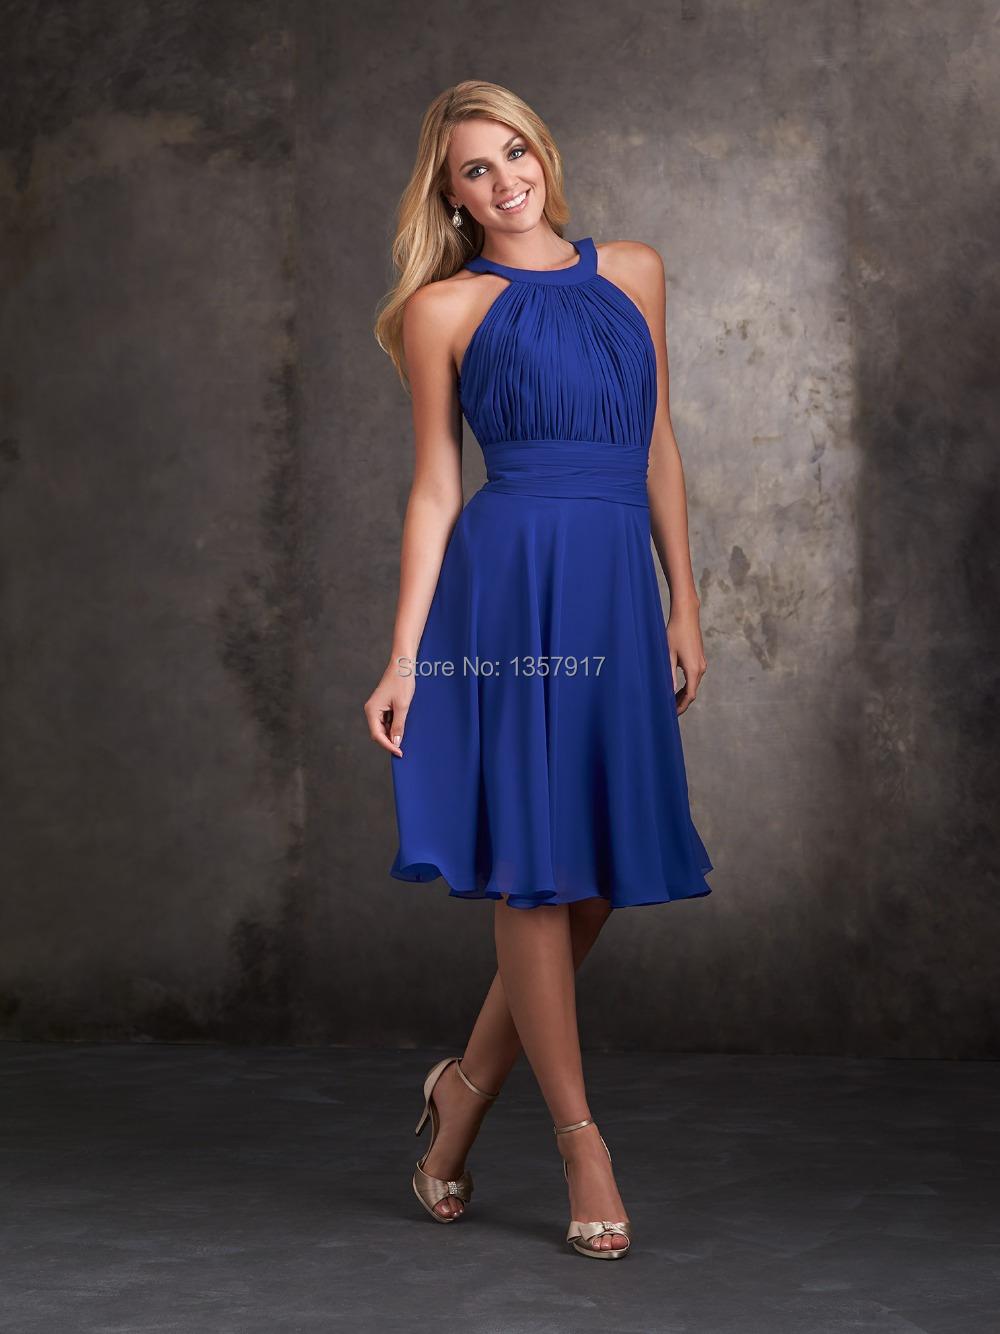 Halter Neck Knee Length Dress